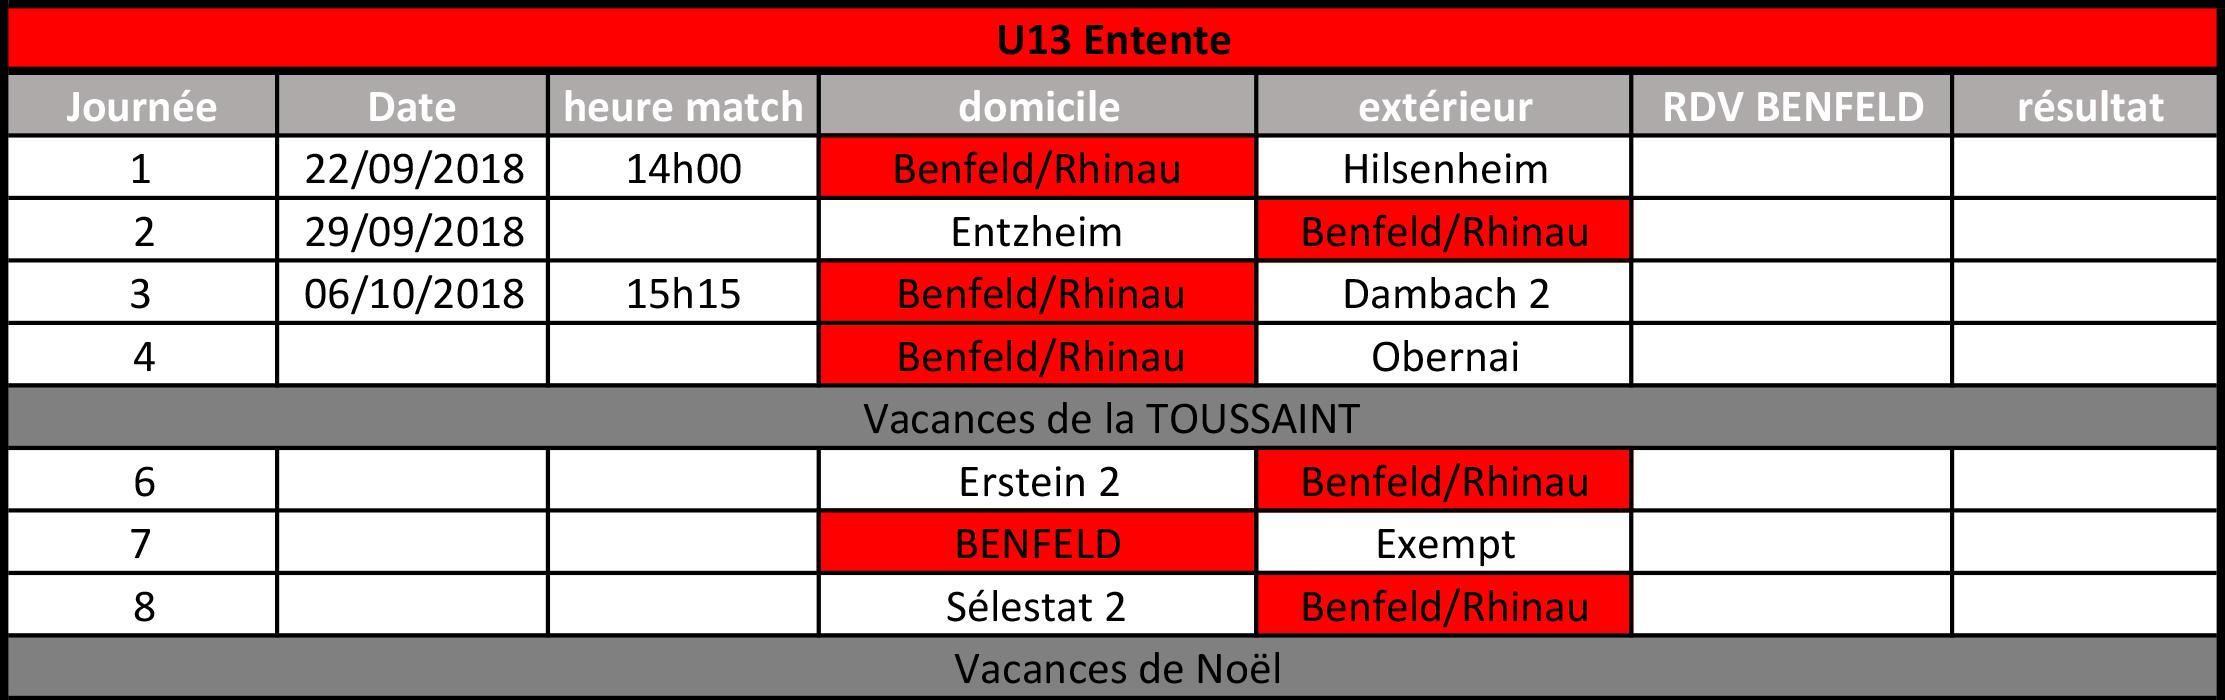 Calendrier U13 Entente Garçons.jpg